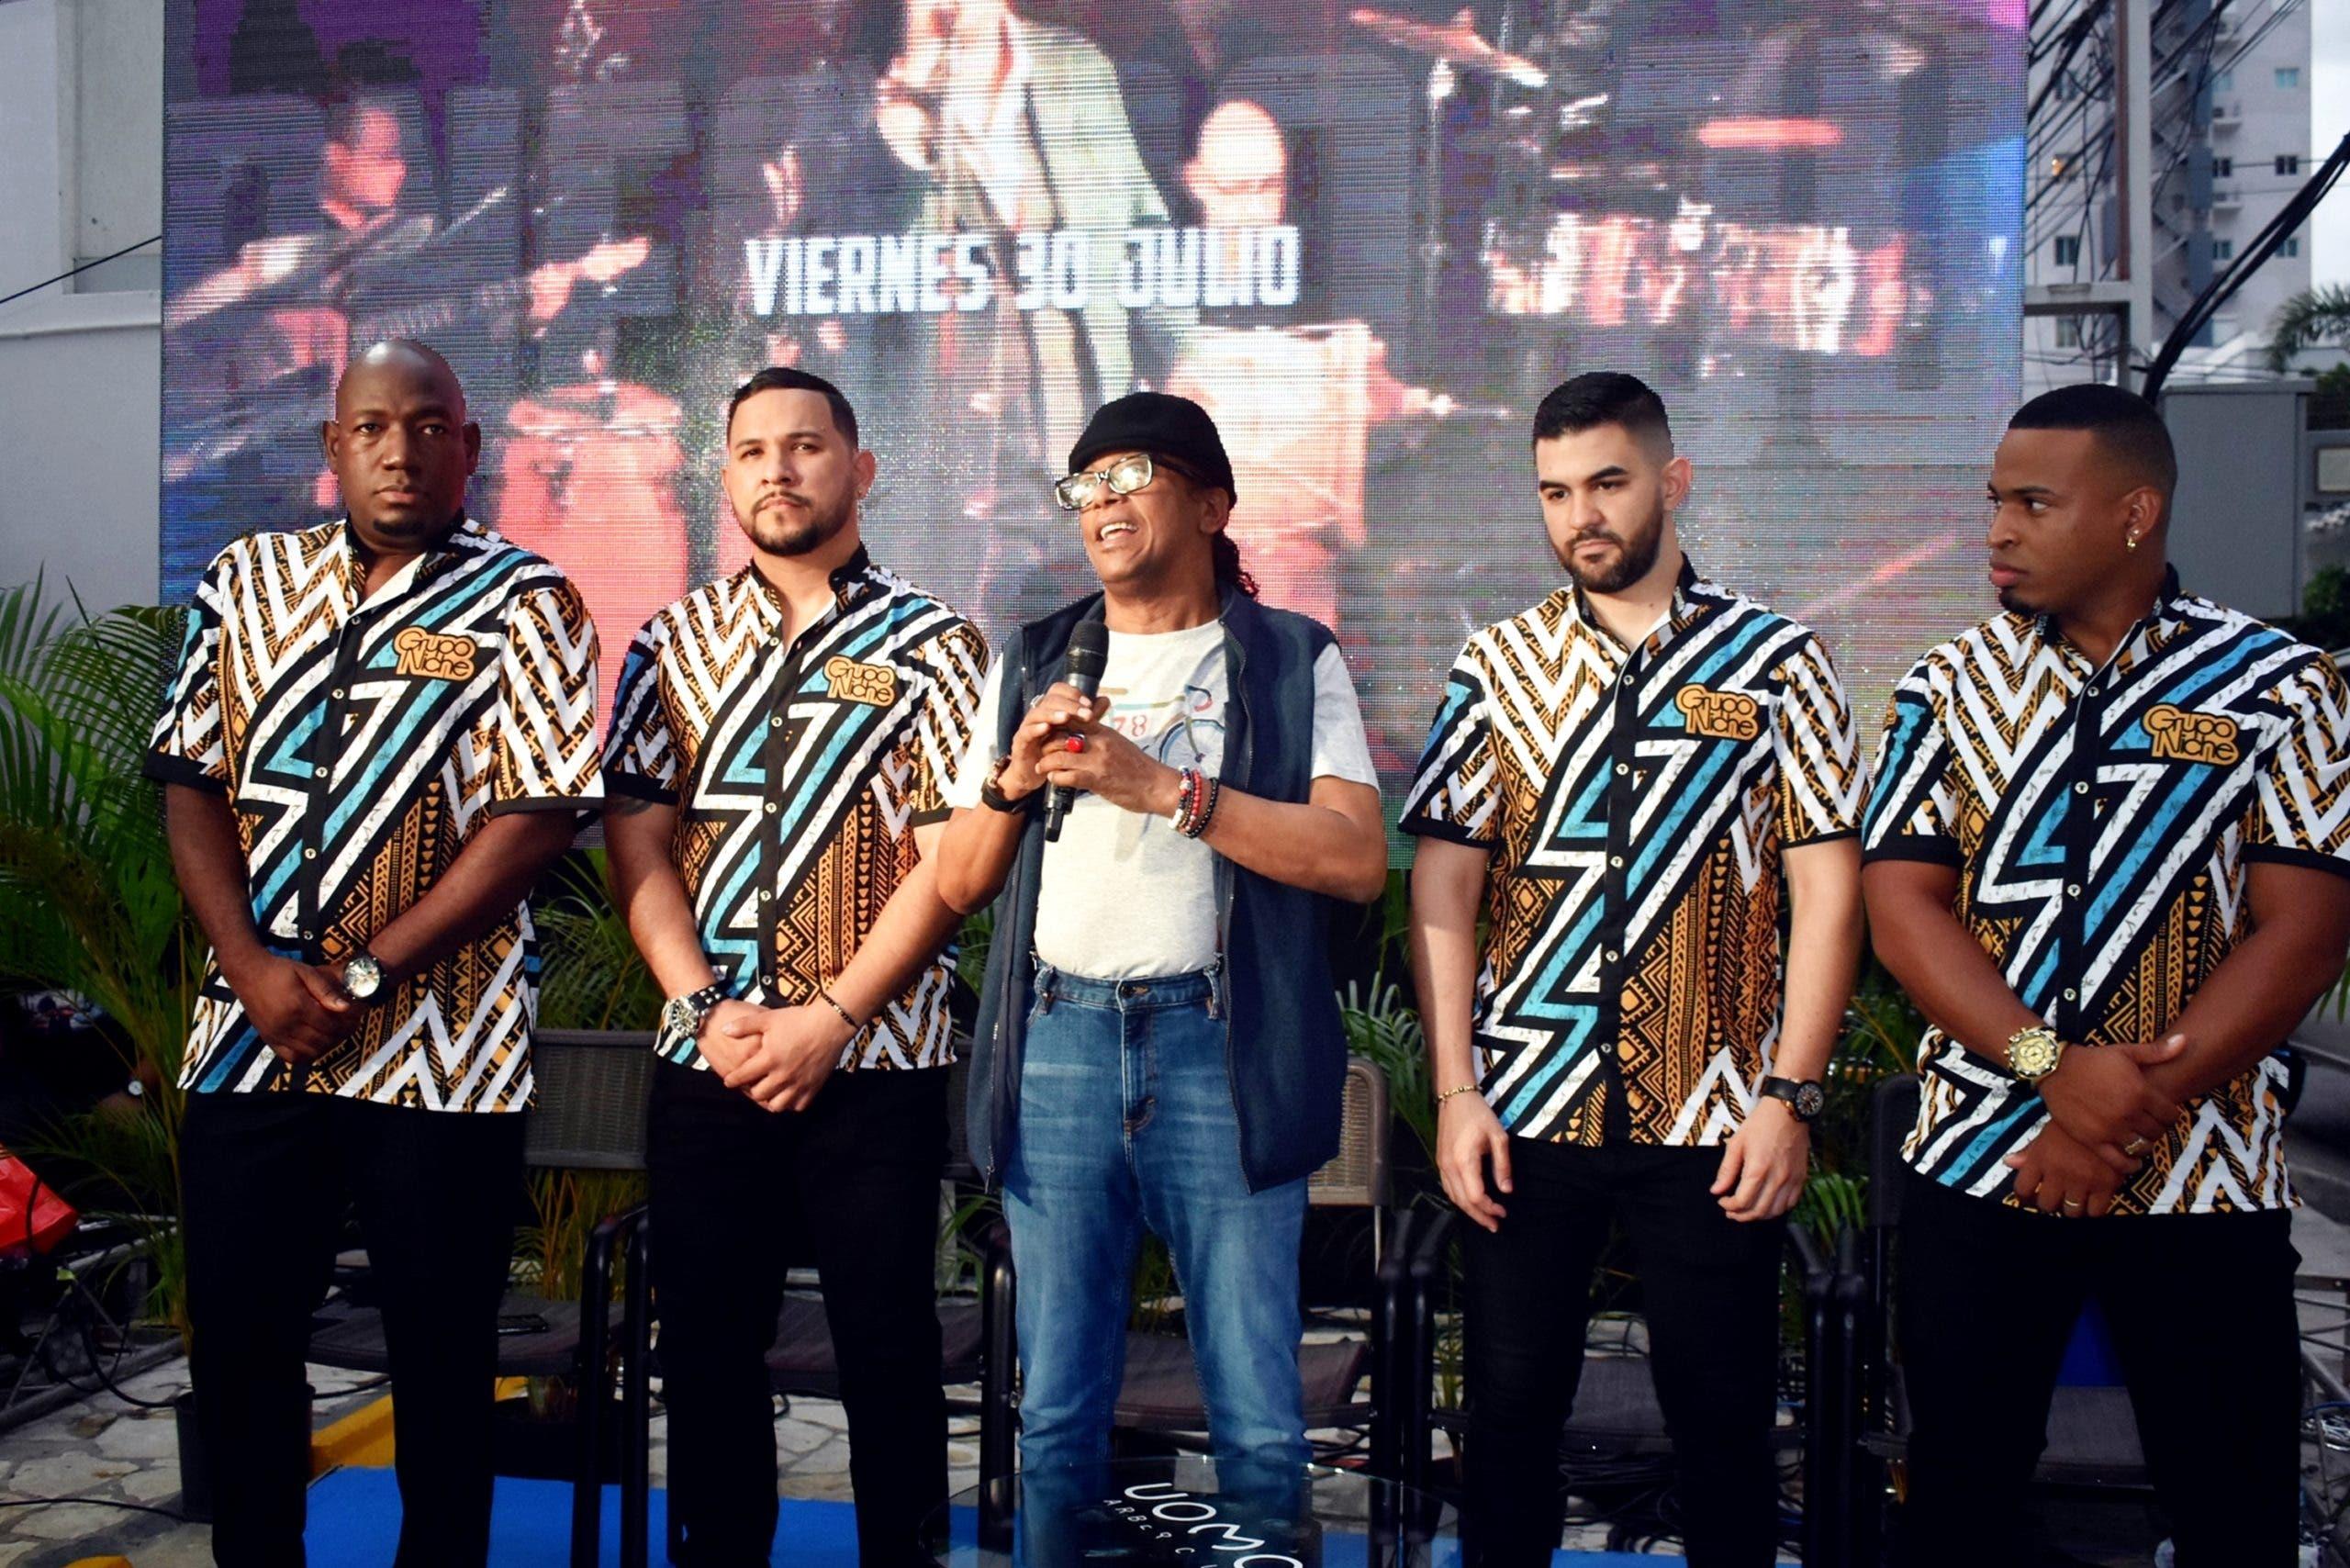 Grupo Niche y Sergio Vargas en concierto de la salsa y el merengue en el Jaragua.